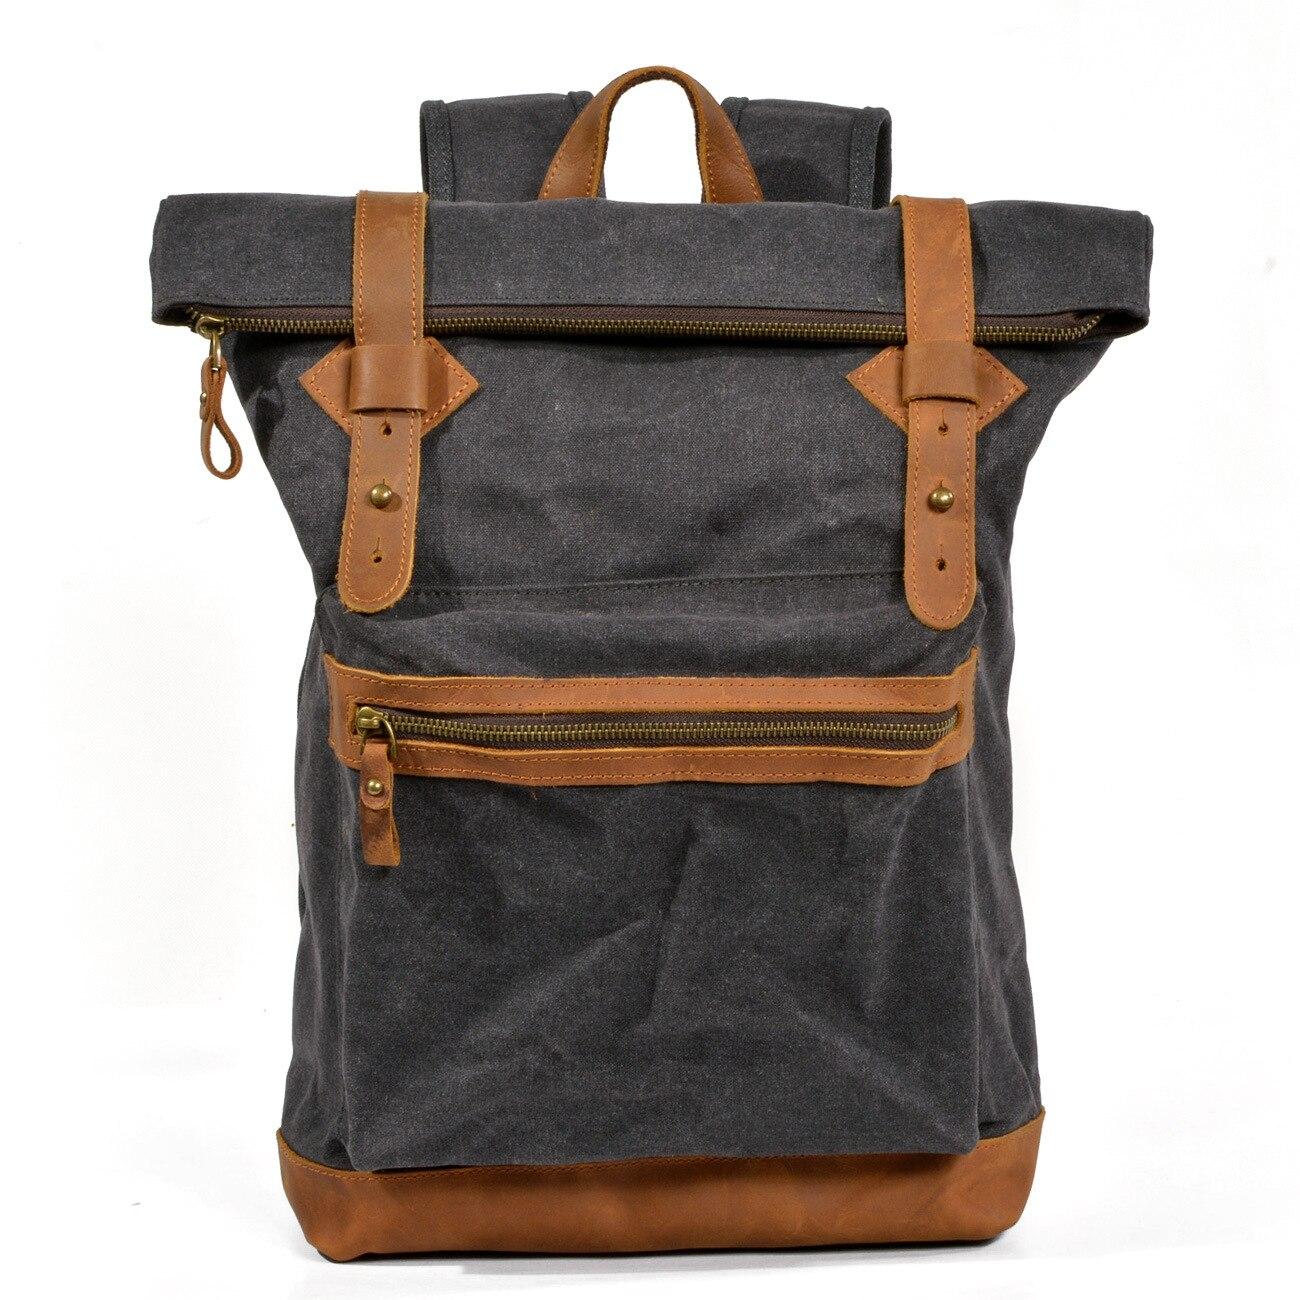 Toile rétro hommes épaule sac à dos sac à main étanche voyage randonnée collège sac grand ordinateur portable pliable sac à dos sac à dos armée vert